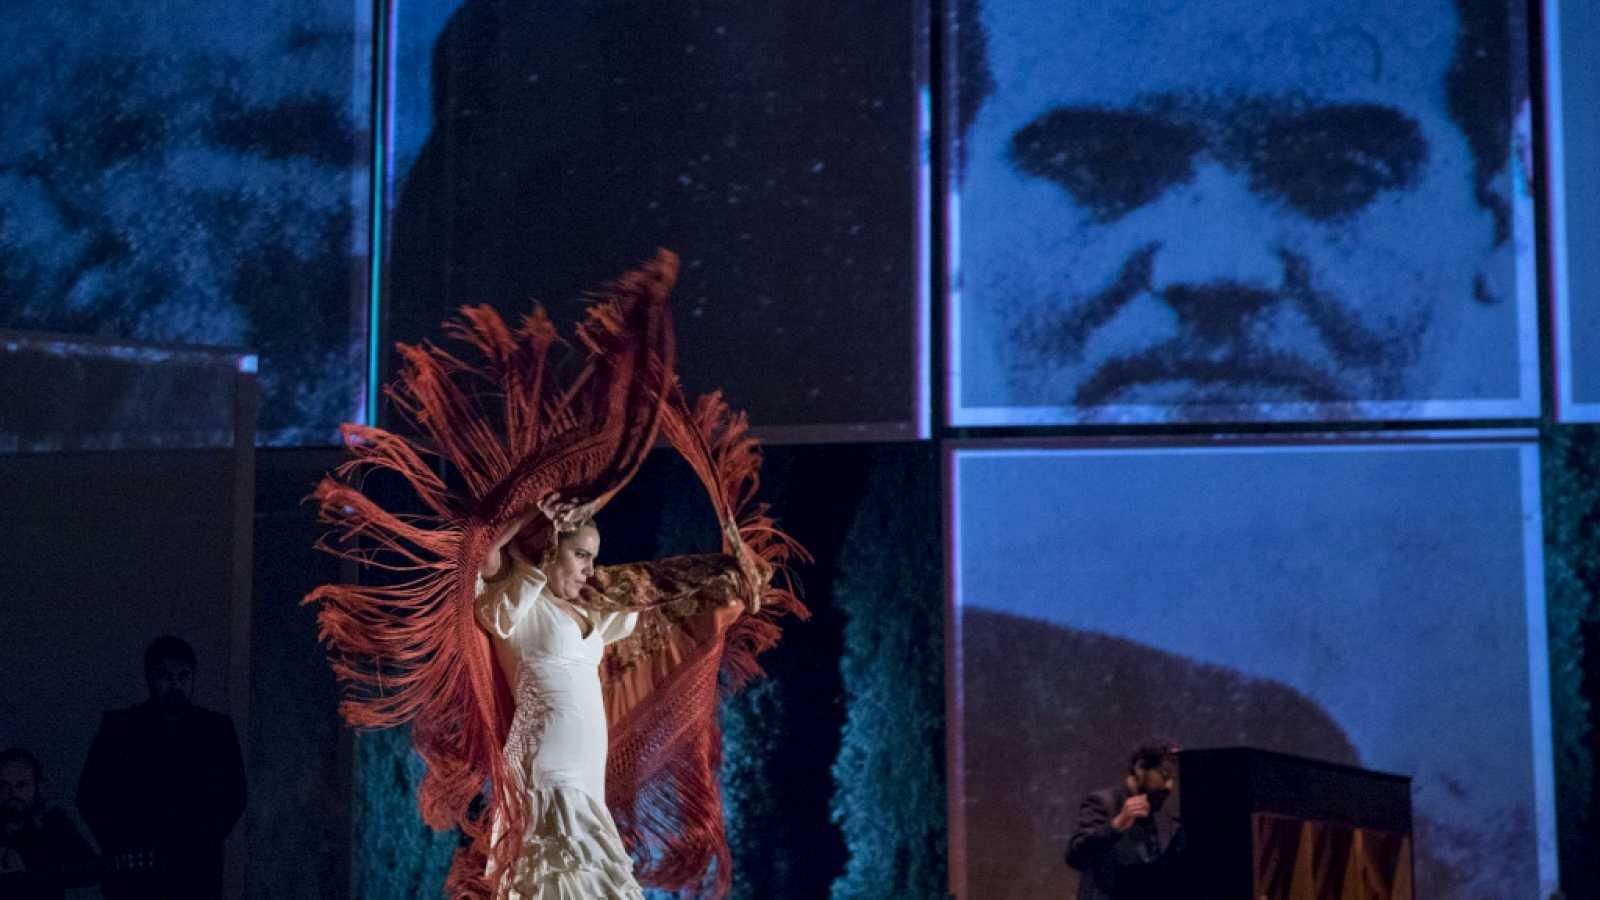 Nuestro Flamenco - La poesía de autor y el flamenco - 22/08/19 - escuchar ahora